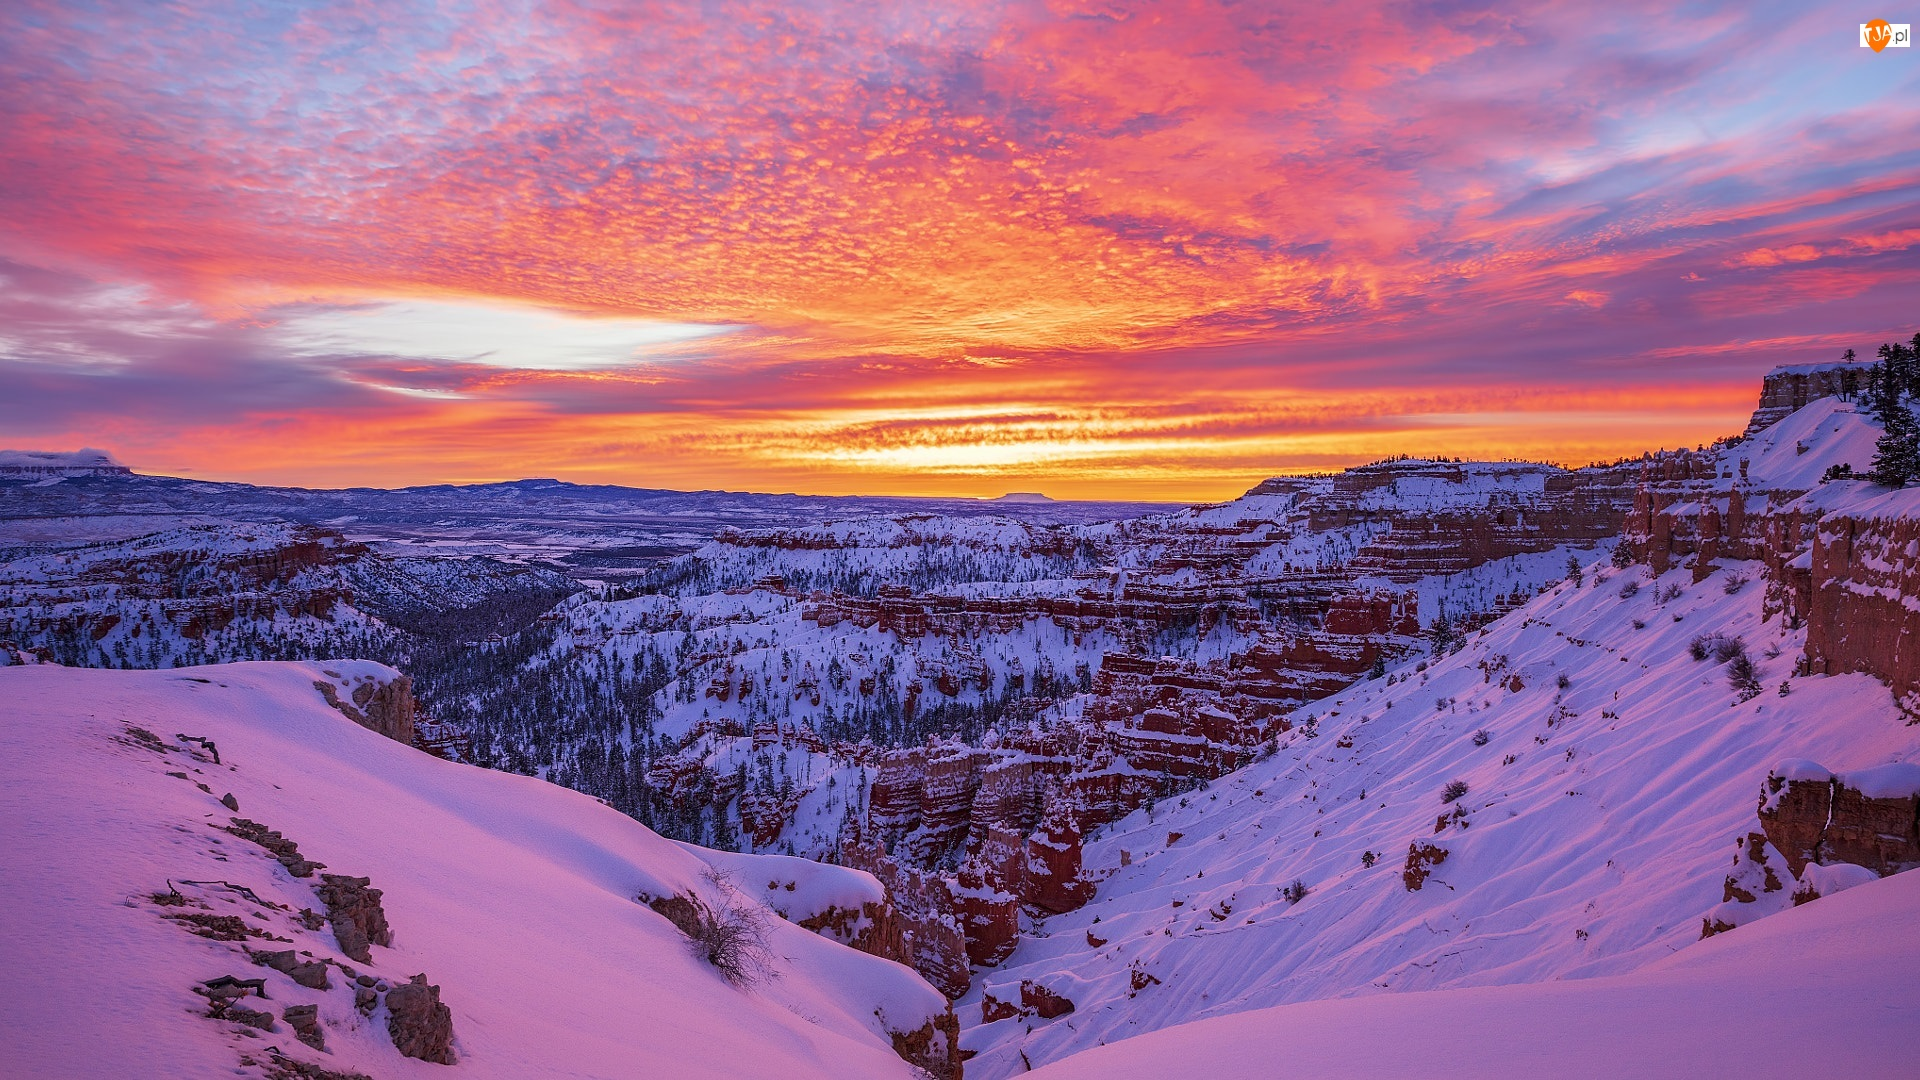 Stan Utah, Park Narodowy Bryce Canyon, Chmury, Stany Zjednoczone, Zachód słońca, Zima, Skały